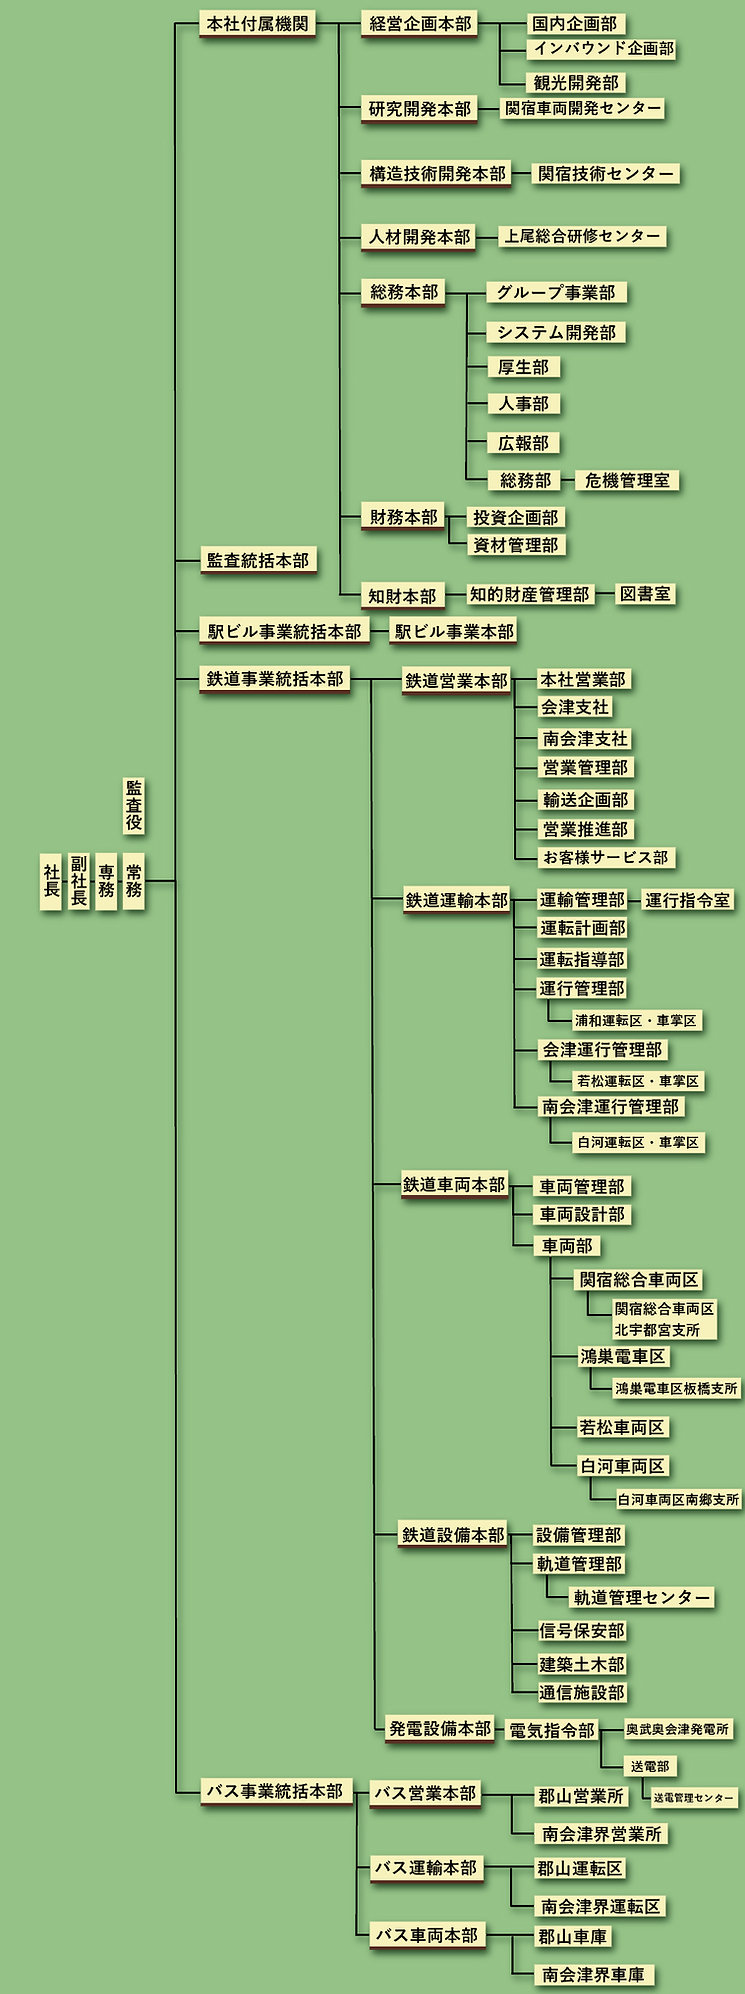 組織図2019.jpg